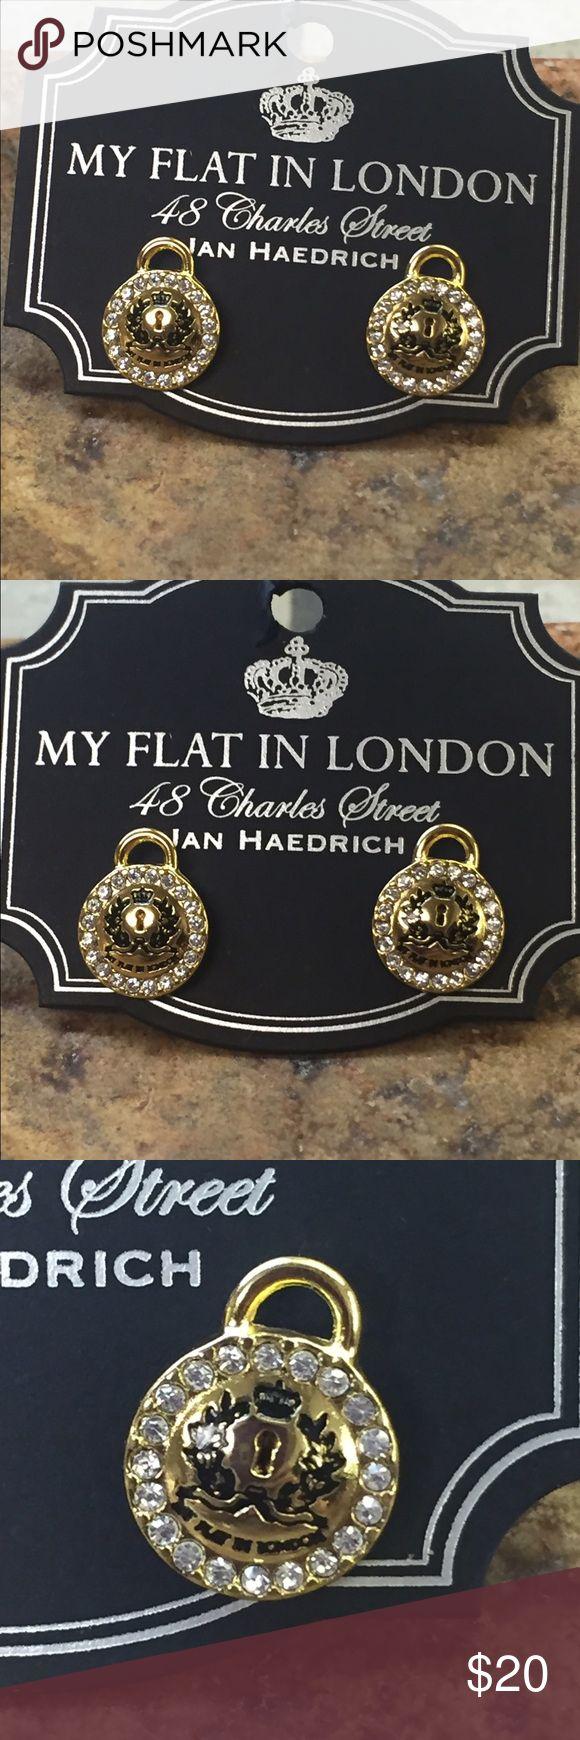 Brighton earrings MY FLAT IN LONDON PIERCED EARRINGS  LOVE LOCKS GOLD  NEW ON CARD  FROM SMOKE FREE HOME Brighton Jewelry Earrings